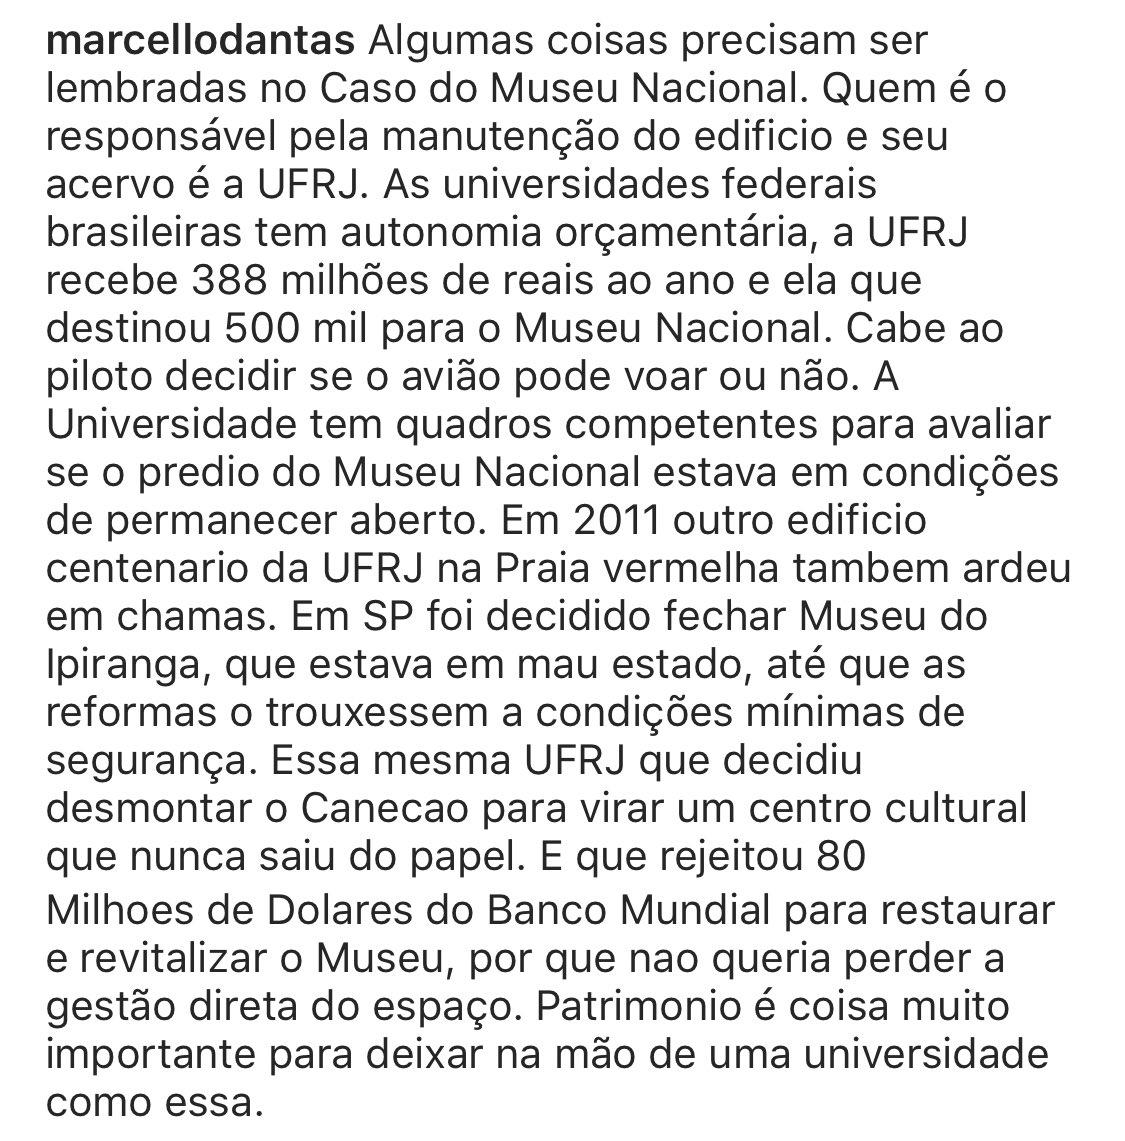 Um especialista em museus define de forma clara quem é o principal responsável pela tragédia do Museu Nacional: agora é hora da UFRJ dar satisfação ao povo brasileiro